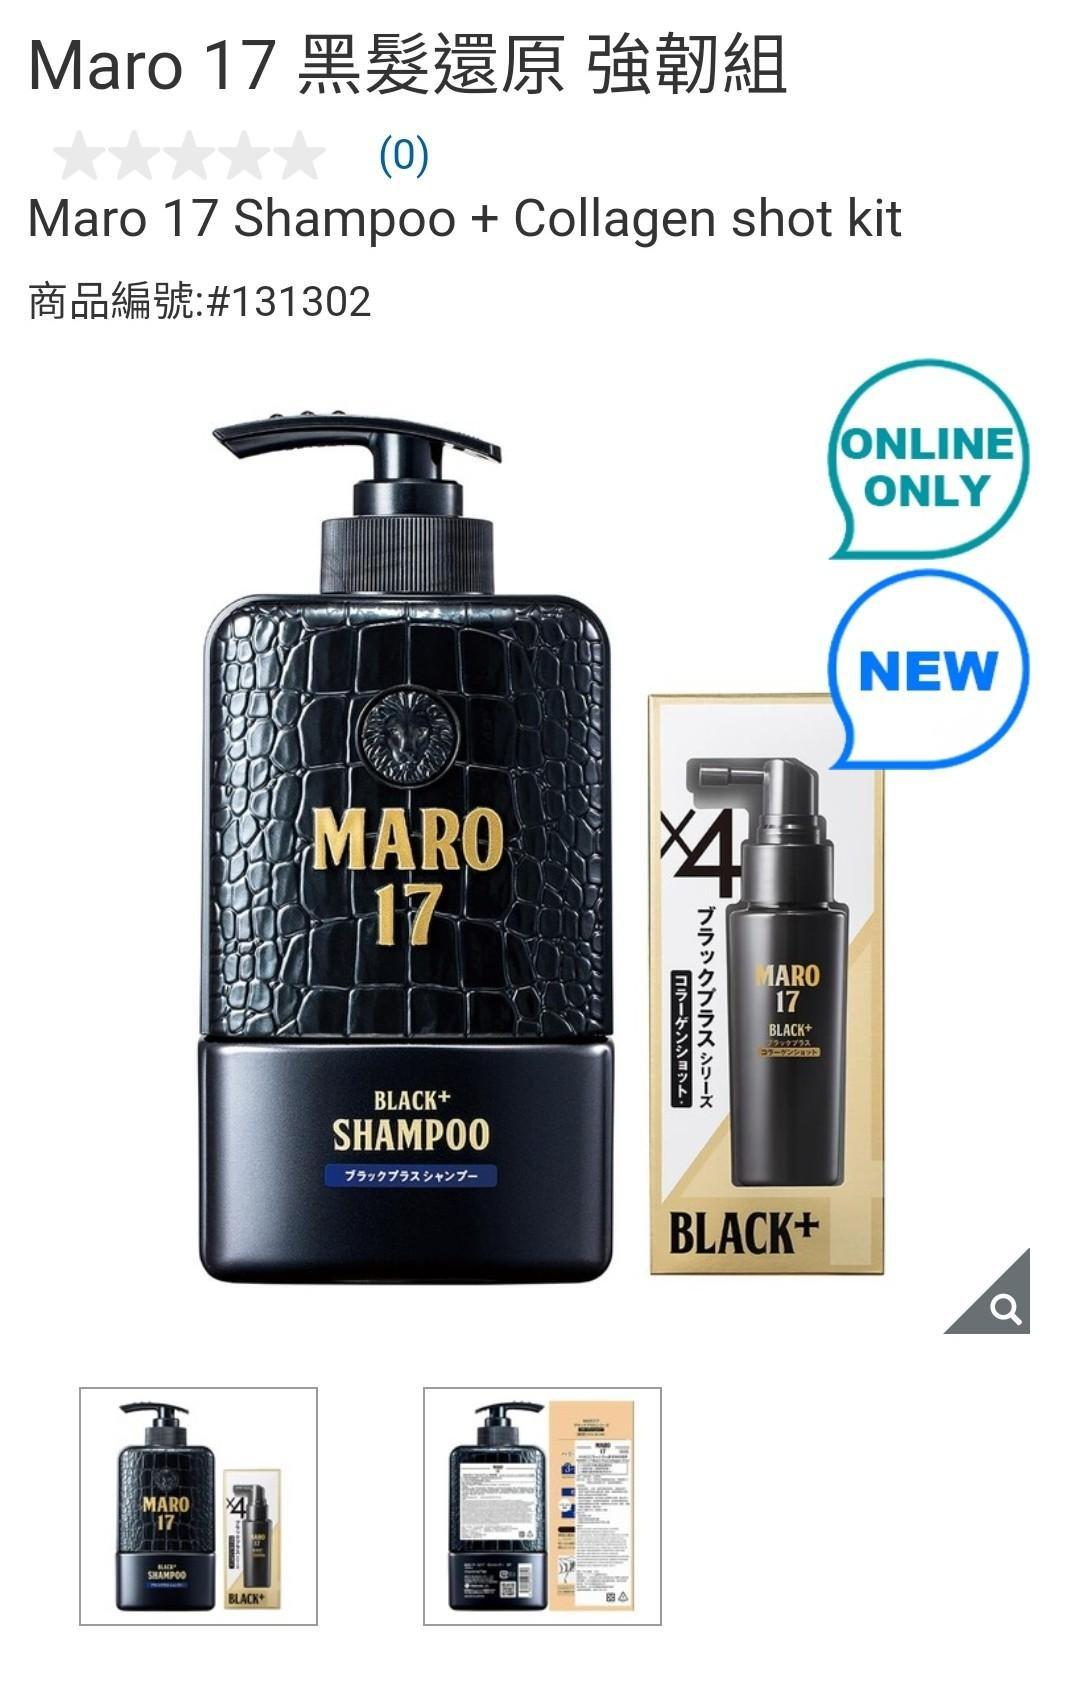 『COSTCO官網線上代購』Maro 17 黑髮還原 強韌組⭐宅配免運